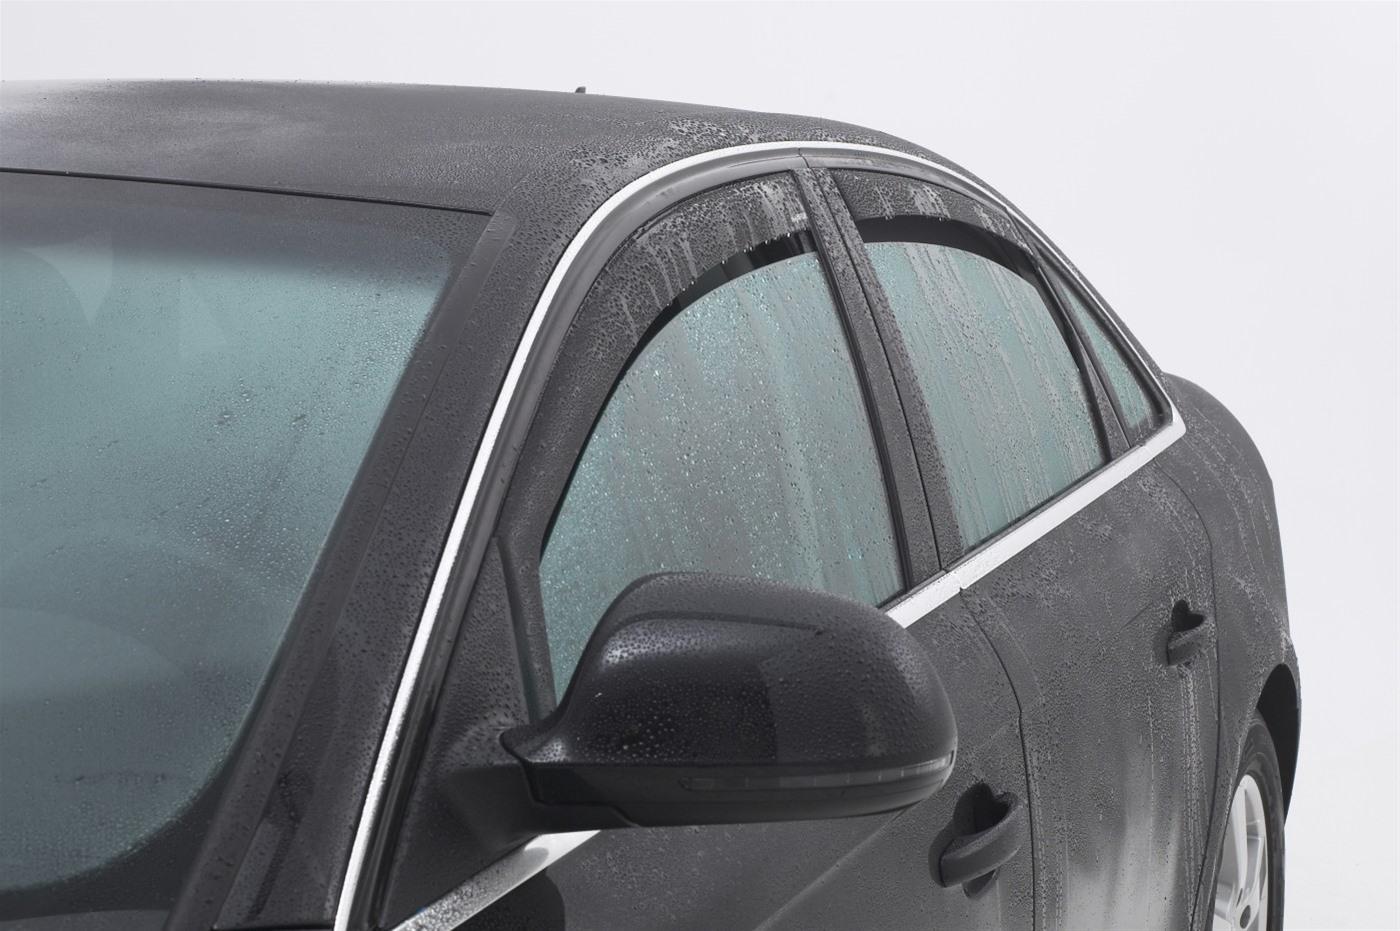 Ανεμοθραύστες Εμπρόσθιοι Chrysler Jeep Wrangler 2006-2018 3-5D 2τμχ Climair